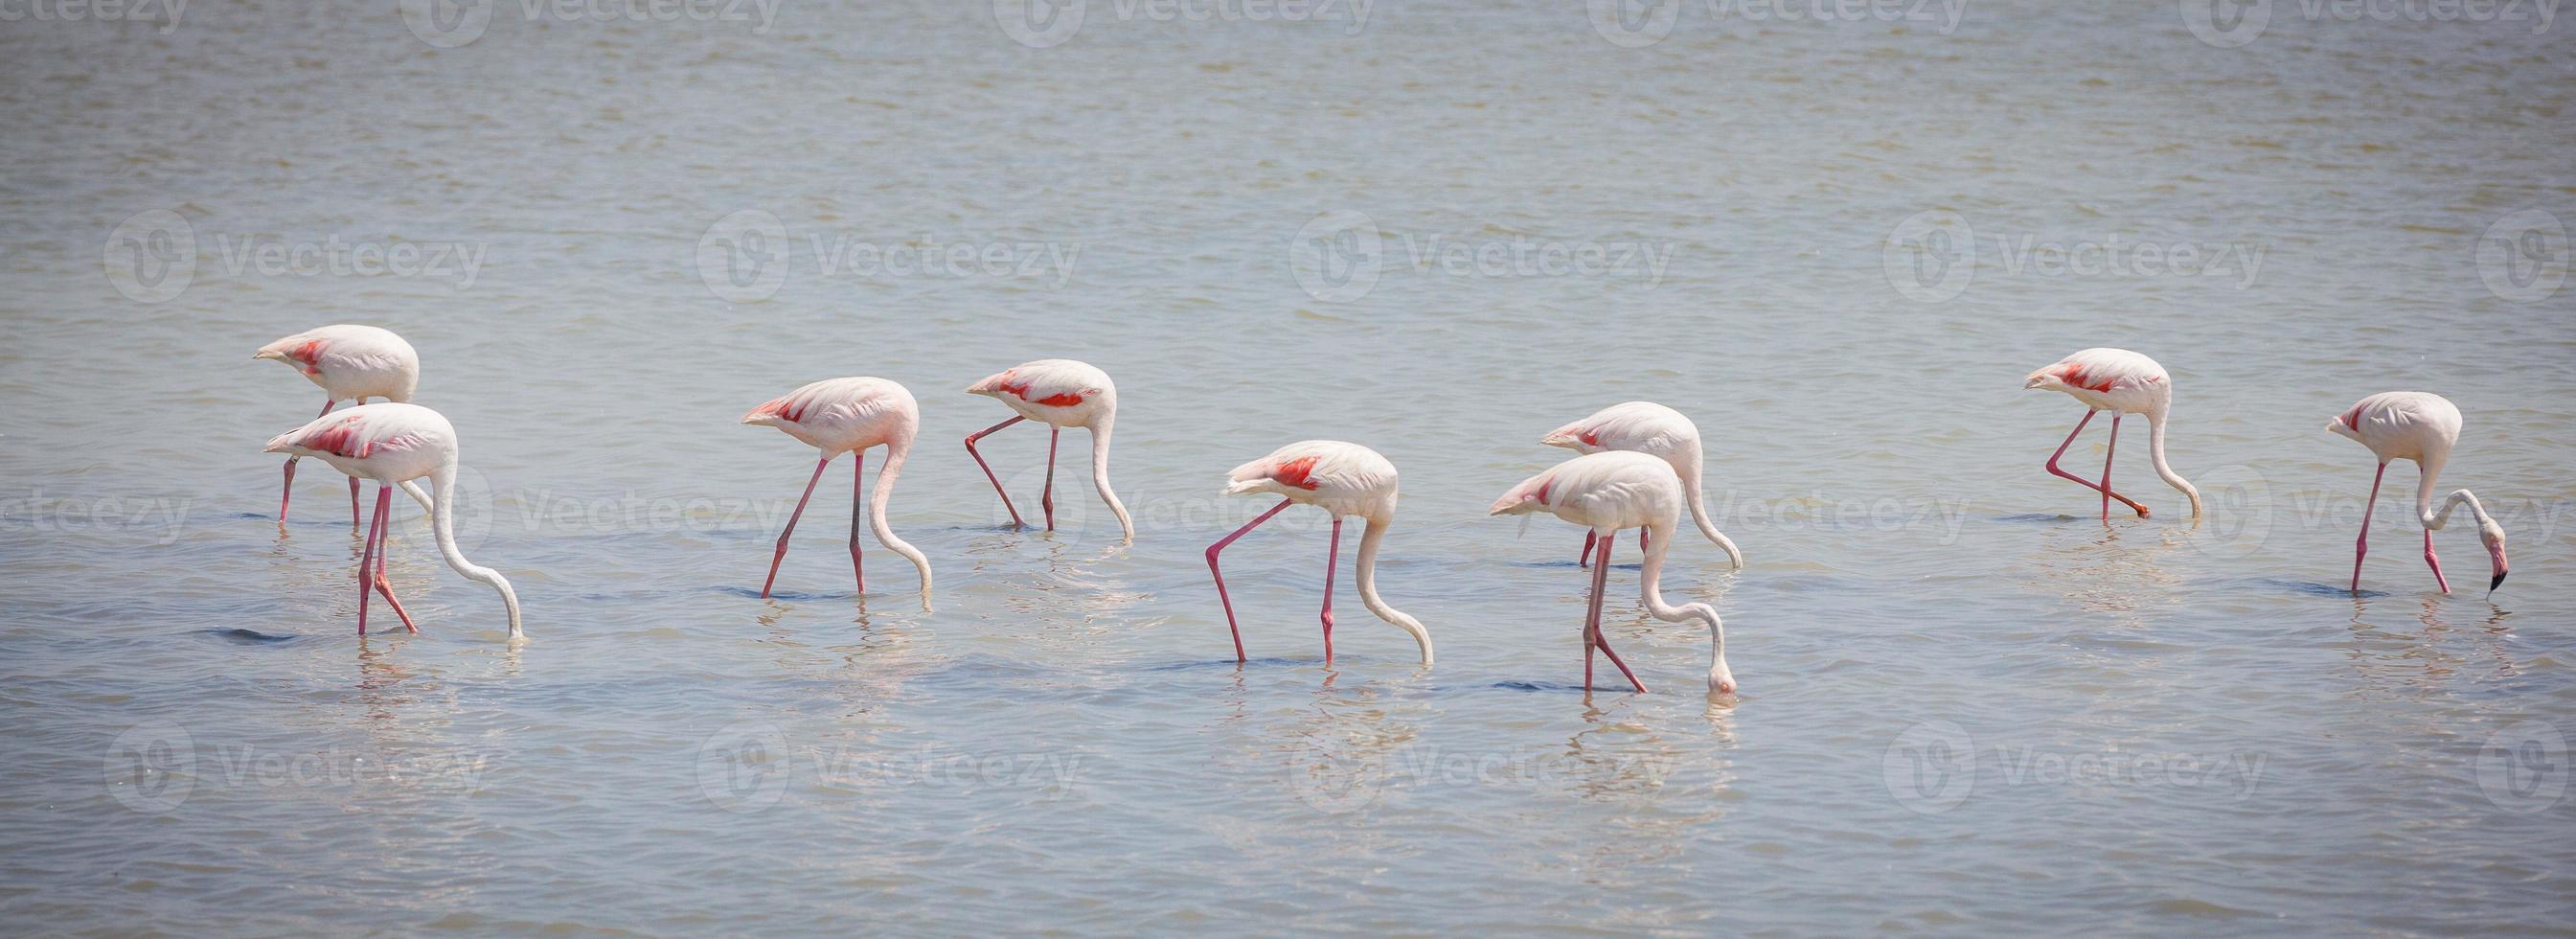 flamingos camargue provence foto